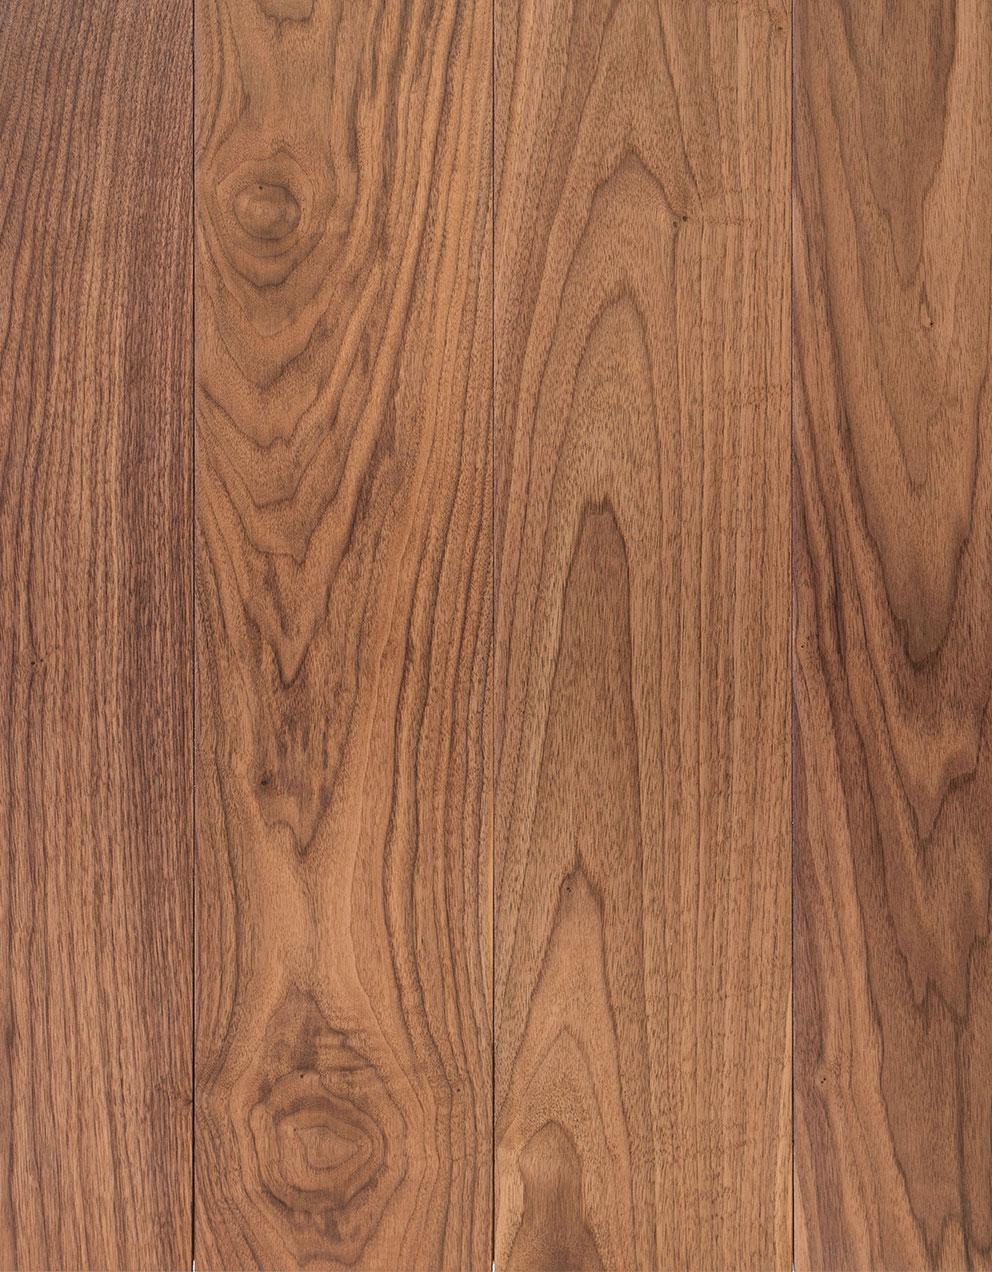 Tarima de madera Nogal homogeneizado